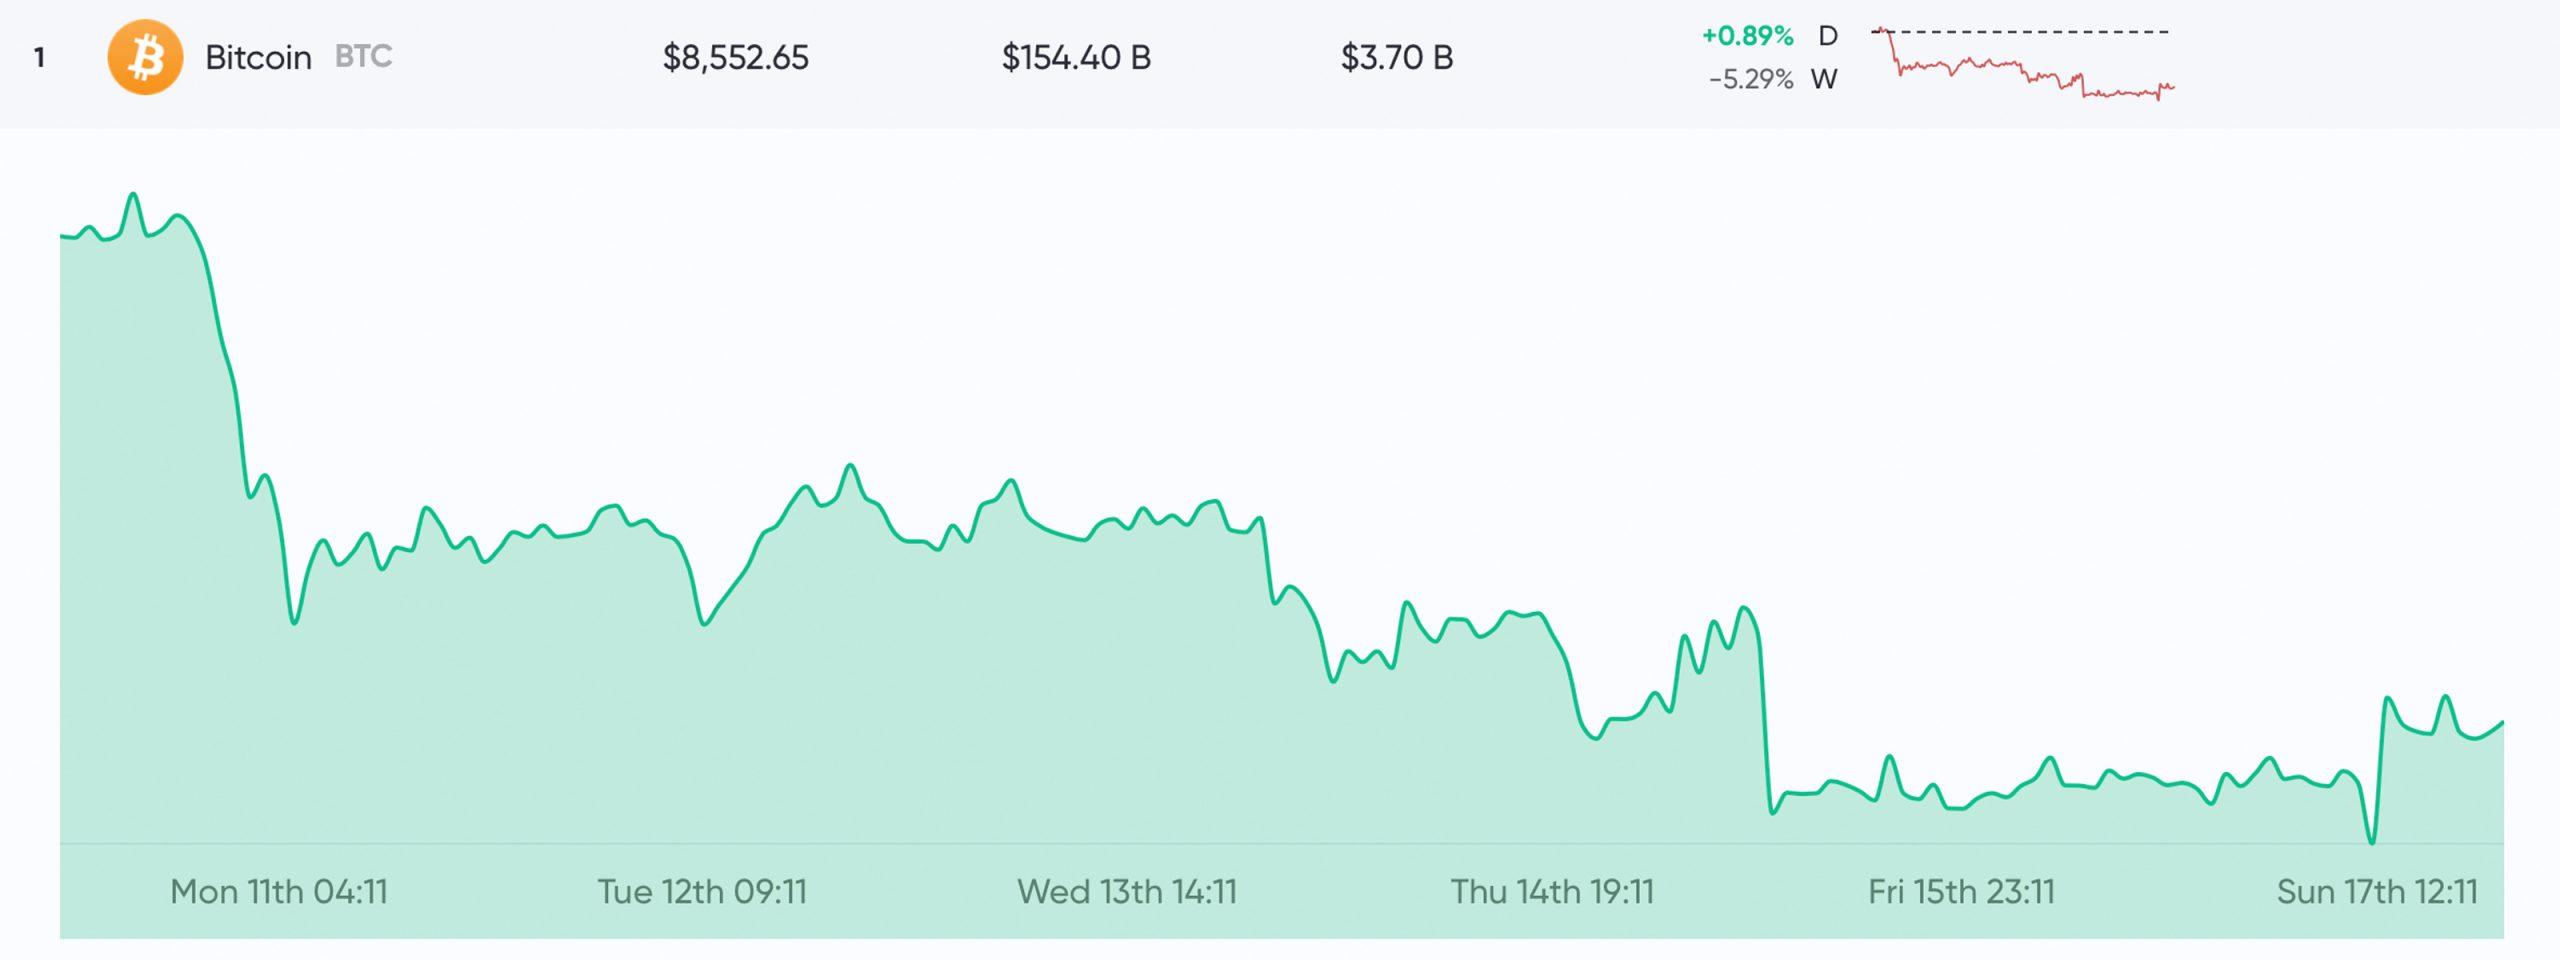 """Actualización del mercado: los precios de las criptomonedas mejoran después de 3 semanas Tendencia bajista """"width ="""" 2560 """"height ="""" 960 """"srcset ="""" https://blackswanfinances.com/wp-content/uploads/2019/11/btc1-scaled.jpg 2560w, https: //news.bitcoin. com / wp-content / uploads / 2019/11 / btc1-300x113.jpg 300w, https://news.bitcoin.com/wp-content/uploads/2019/11/btc1-1024x384.jpg 1024w, https: // news.bitcoin.com/wp-content/uploads/2019/11/btc1-768x288.jpg 768w, https://news.bitcoin.com/wp-content/uploads/2019/11/btc1-1536x576.jpg 1536w, https://news.bitcoin.com/wp-content/uploads/2019/11/btc1-2048x768.jpg 2048w, https://news.bitcoin.com/wp-content/uploads/2019/11/btc1-696x261 .jpg 696w, https://news.bitcoin.com/wp-content/uploads/2019/11/btc1-1392x522.jpg 1392w, https://news.bitcoin.com/wp-content/uploads/2019/11 /btc1-1068x401.jpg 1068w, https://news.bitcoin.com/wp -content / uploads / 2019/11 / btc1-1120x420.jpg 1120w, https://news.bitcoin.com/wp-content/uploads/2019/11/btc1-1920x720.jpg 1920w """"tamaños ="""" (ancho máximo : 2560px) 100vw, 2560px"""